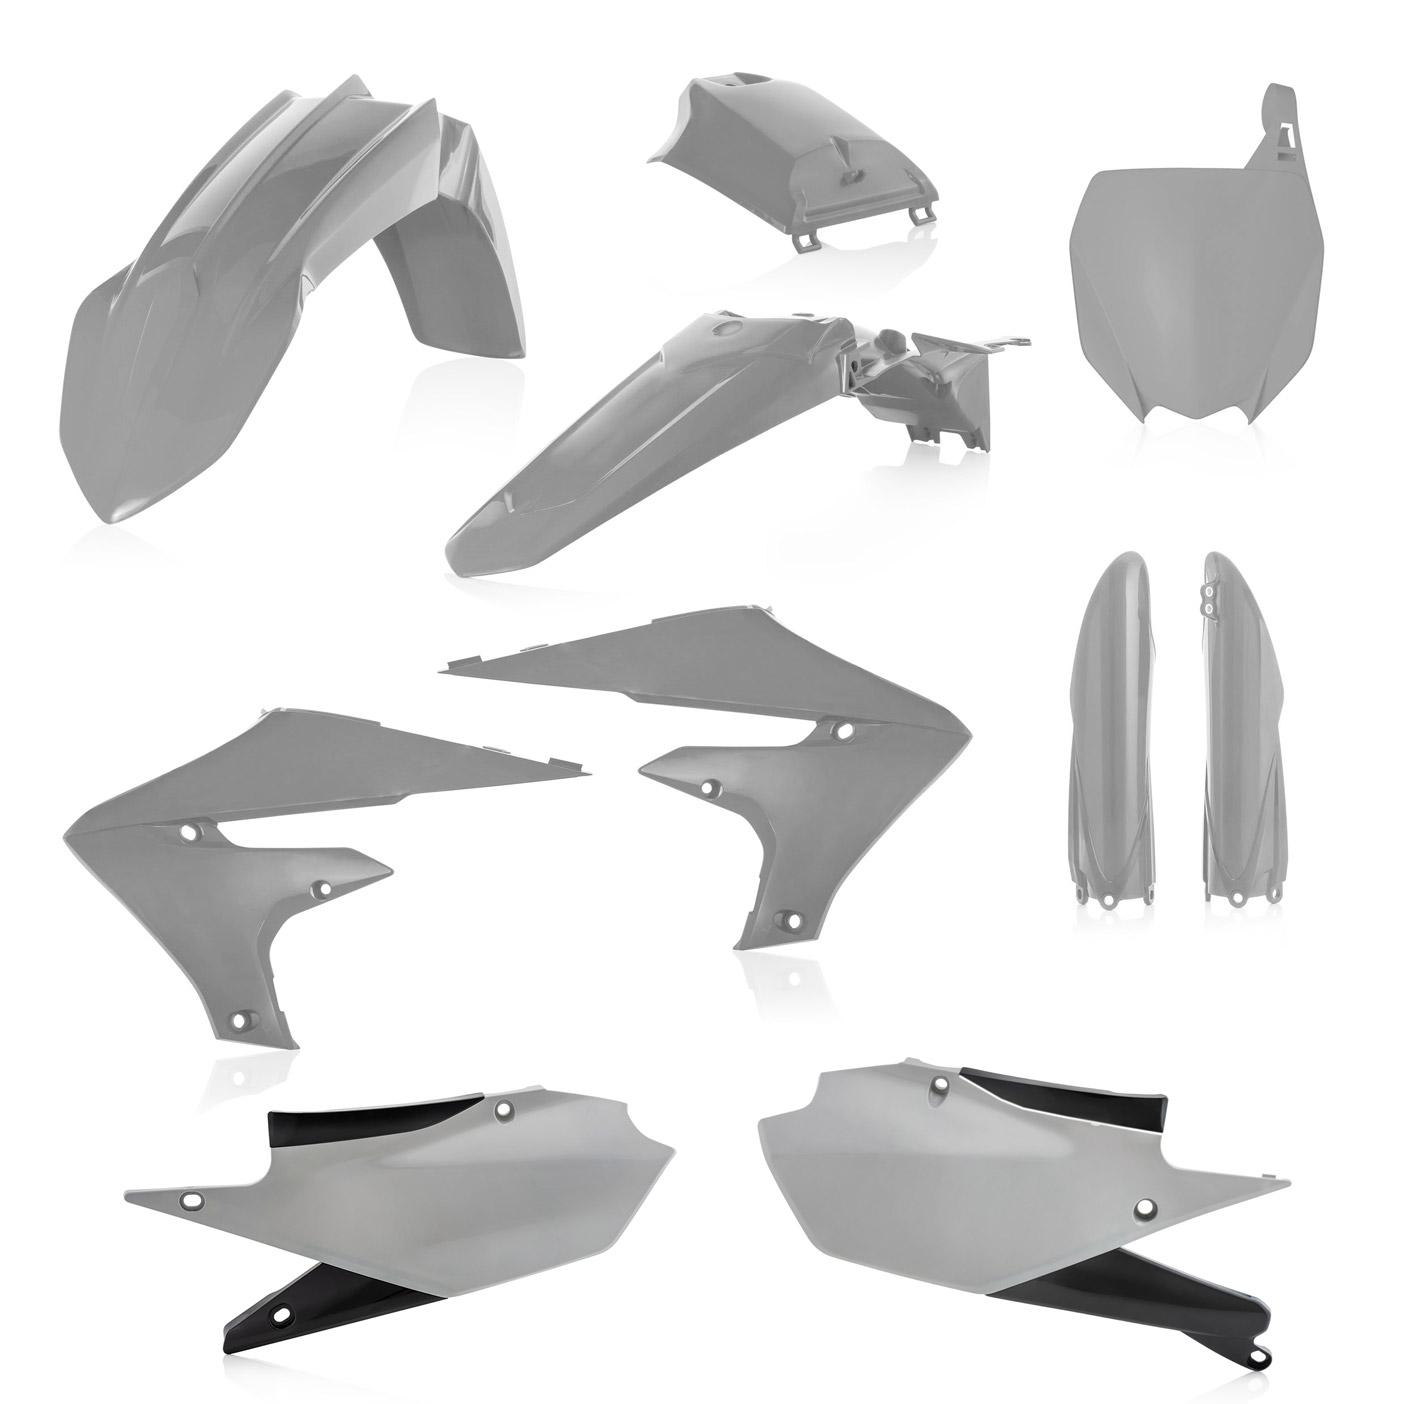 Plastikteile für deine Yamaha YZF in grau, bestehend aus Frontkotflügel, Heckkotflügel, Tankspoiler, Gabelschoner, Luftfilterabdeckung, Nummerntafeln und Front-Tafel